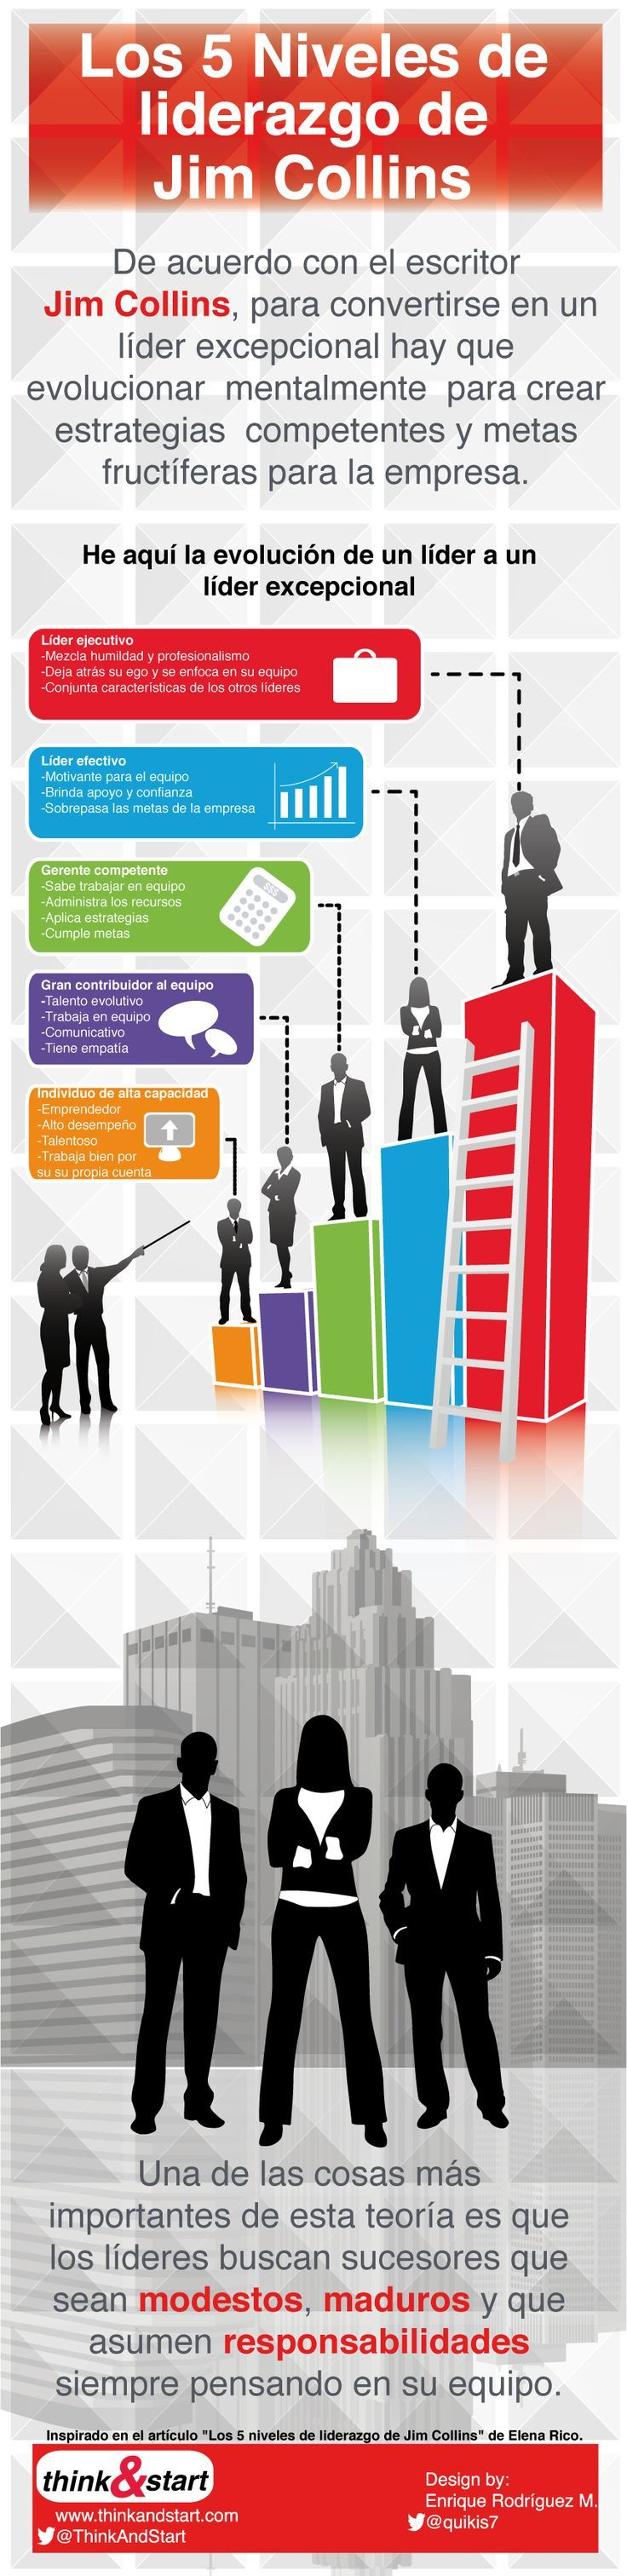 Toda rama ejecutiva está conformada por distintos tipos y niveles de liderazgo quienes, trabajando en harmonía con los demás miembros del equipo, logran ll